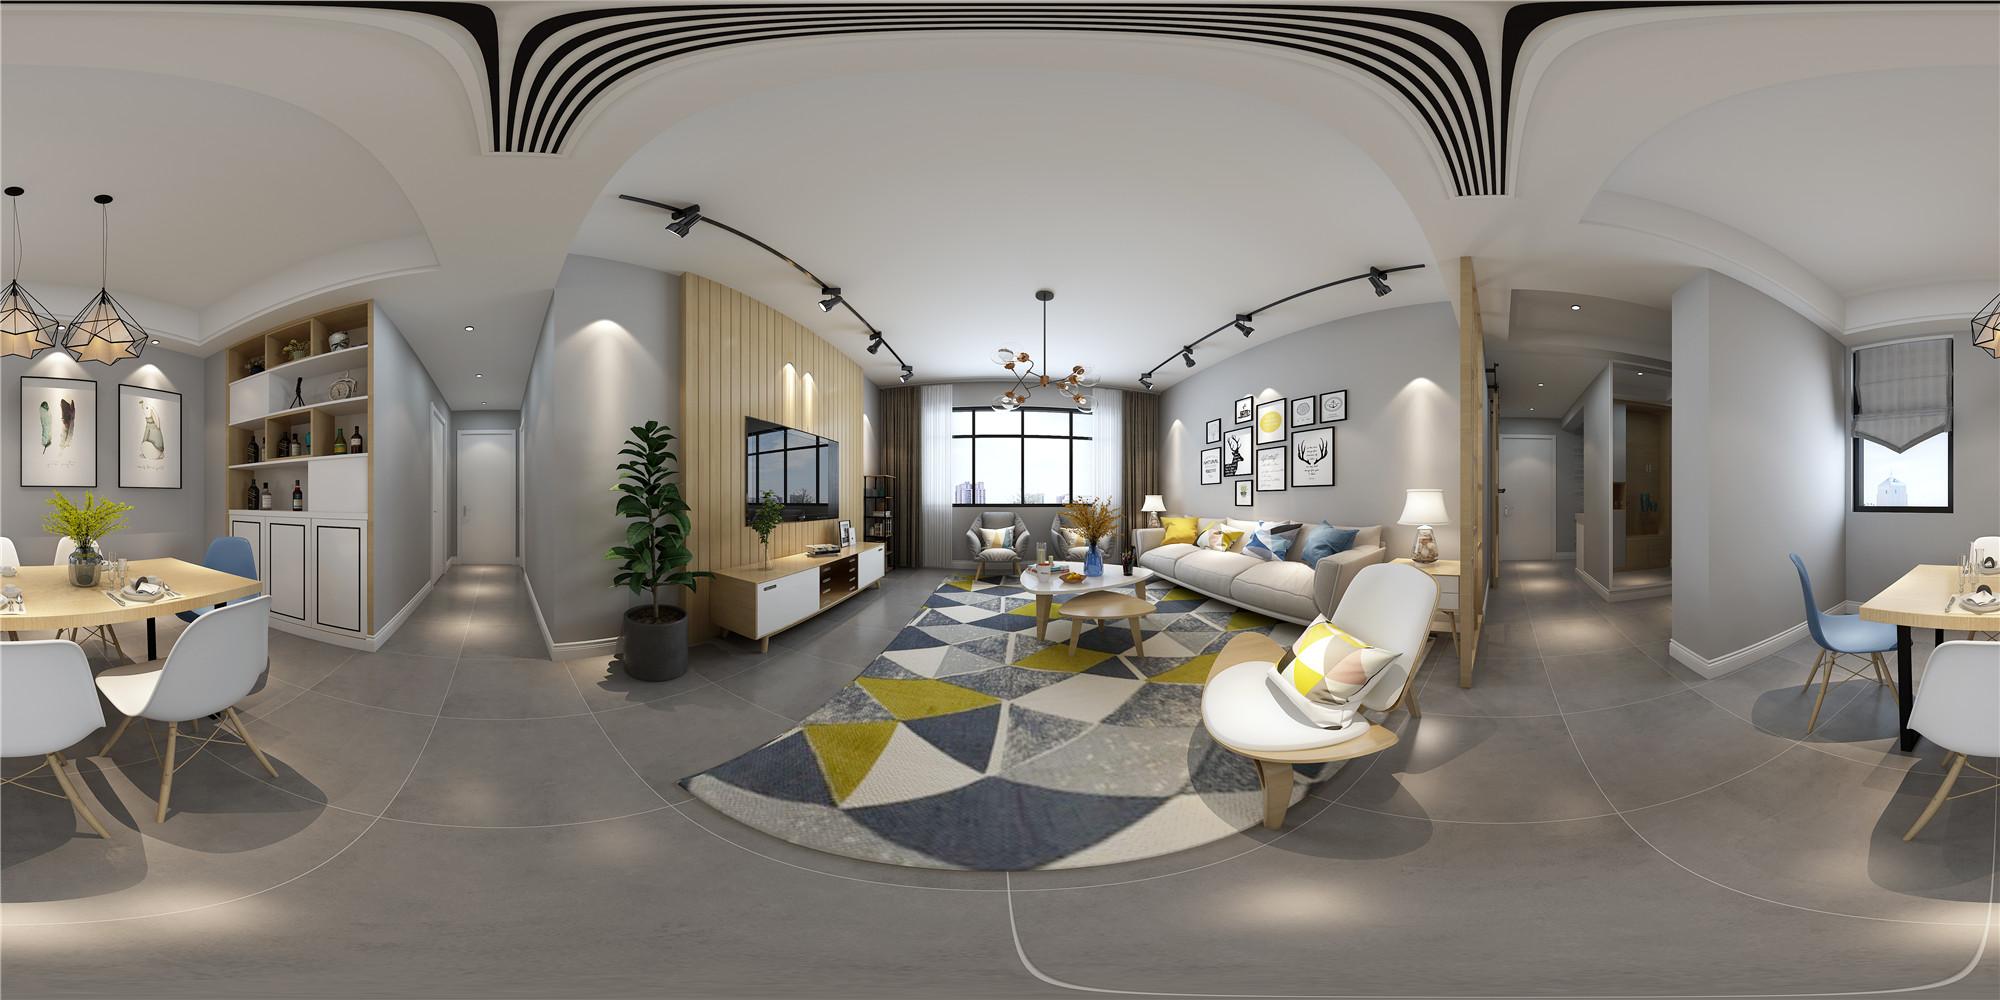 141平米的四居室装修半包只花了8万,现代风格让人眼前一亮!-明园九龙湾装修